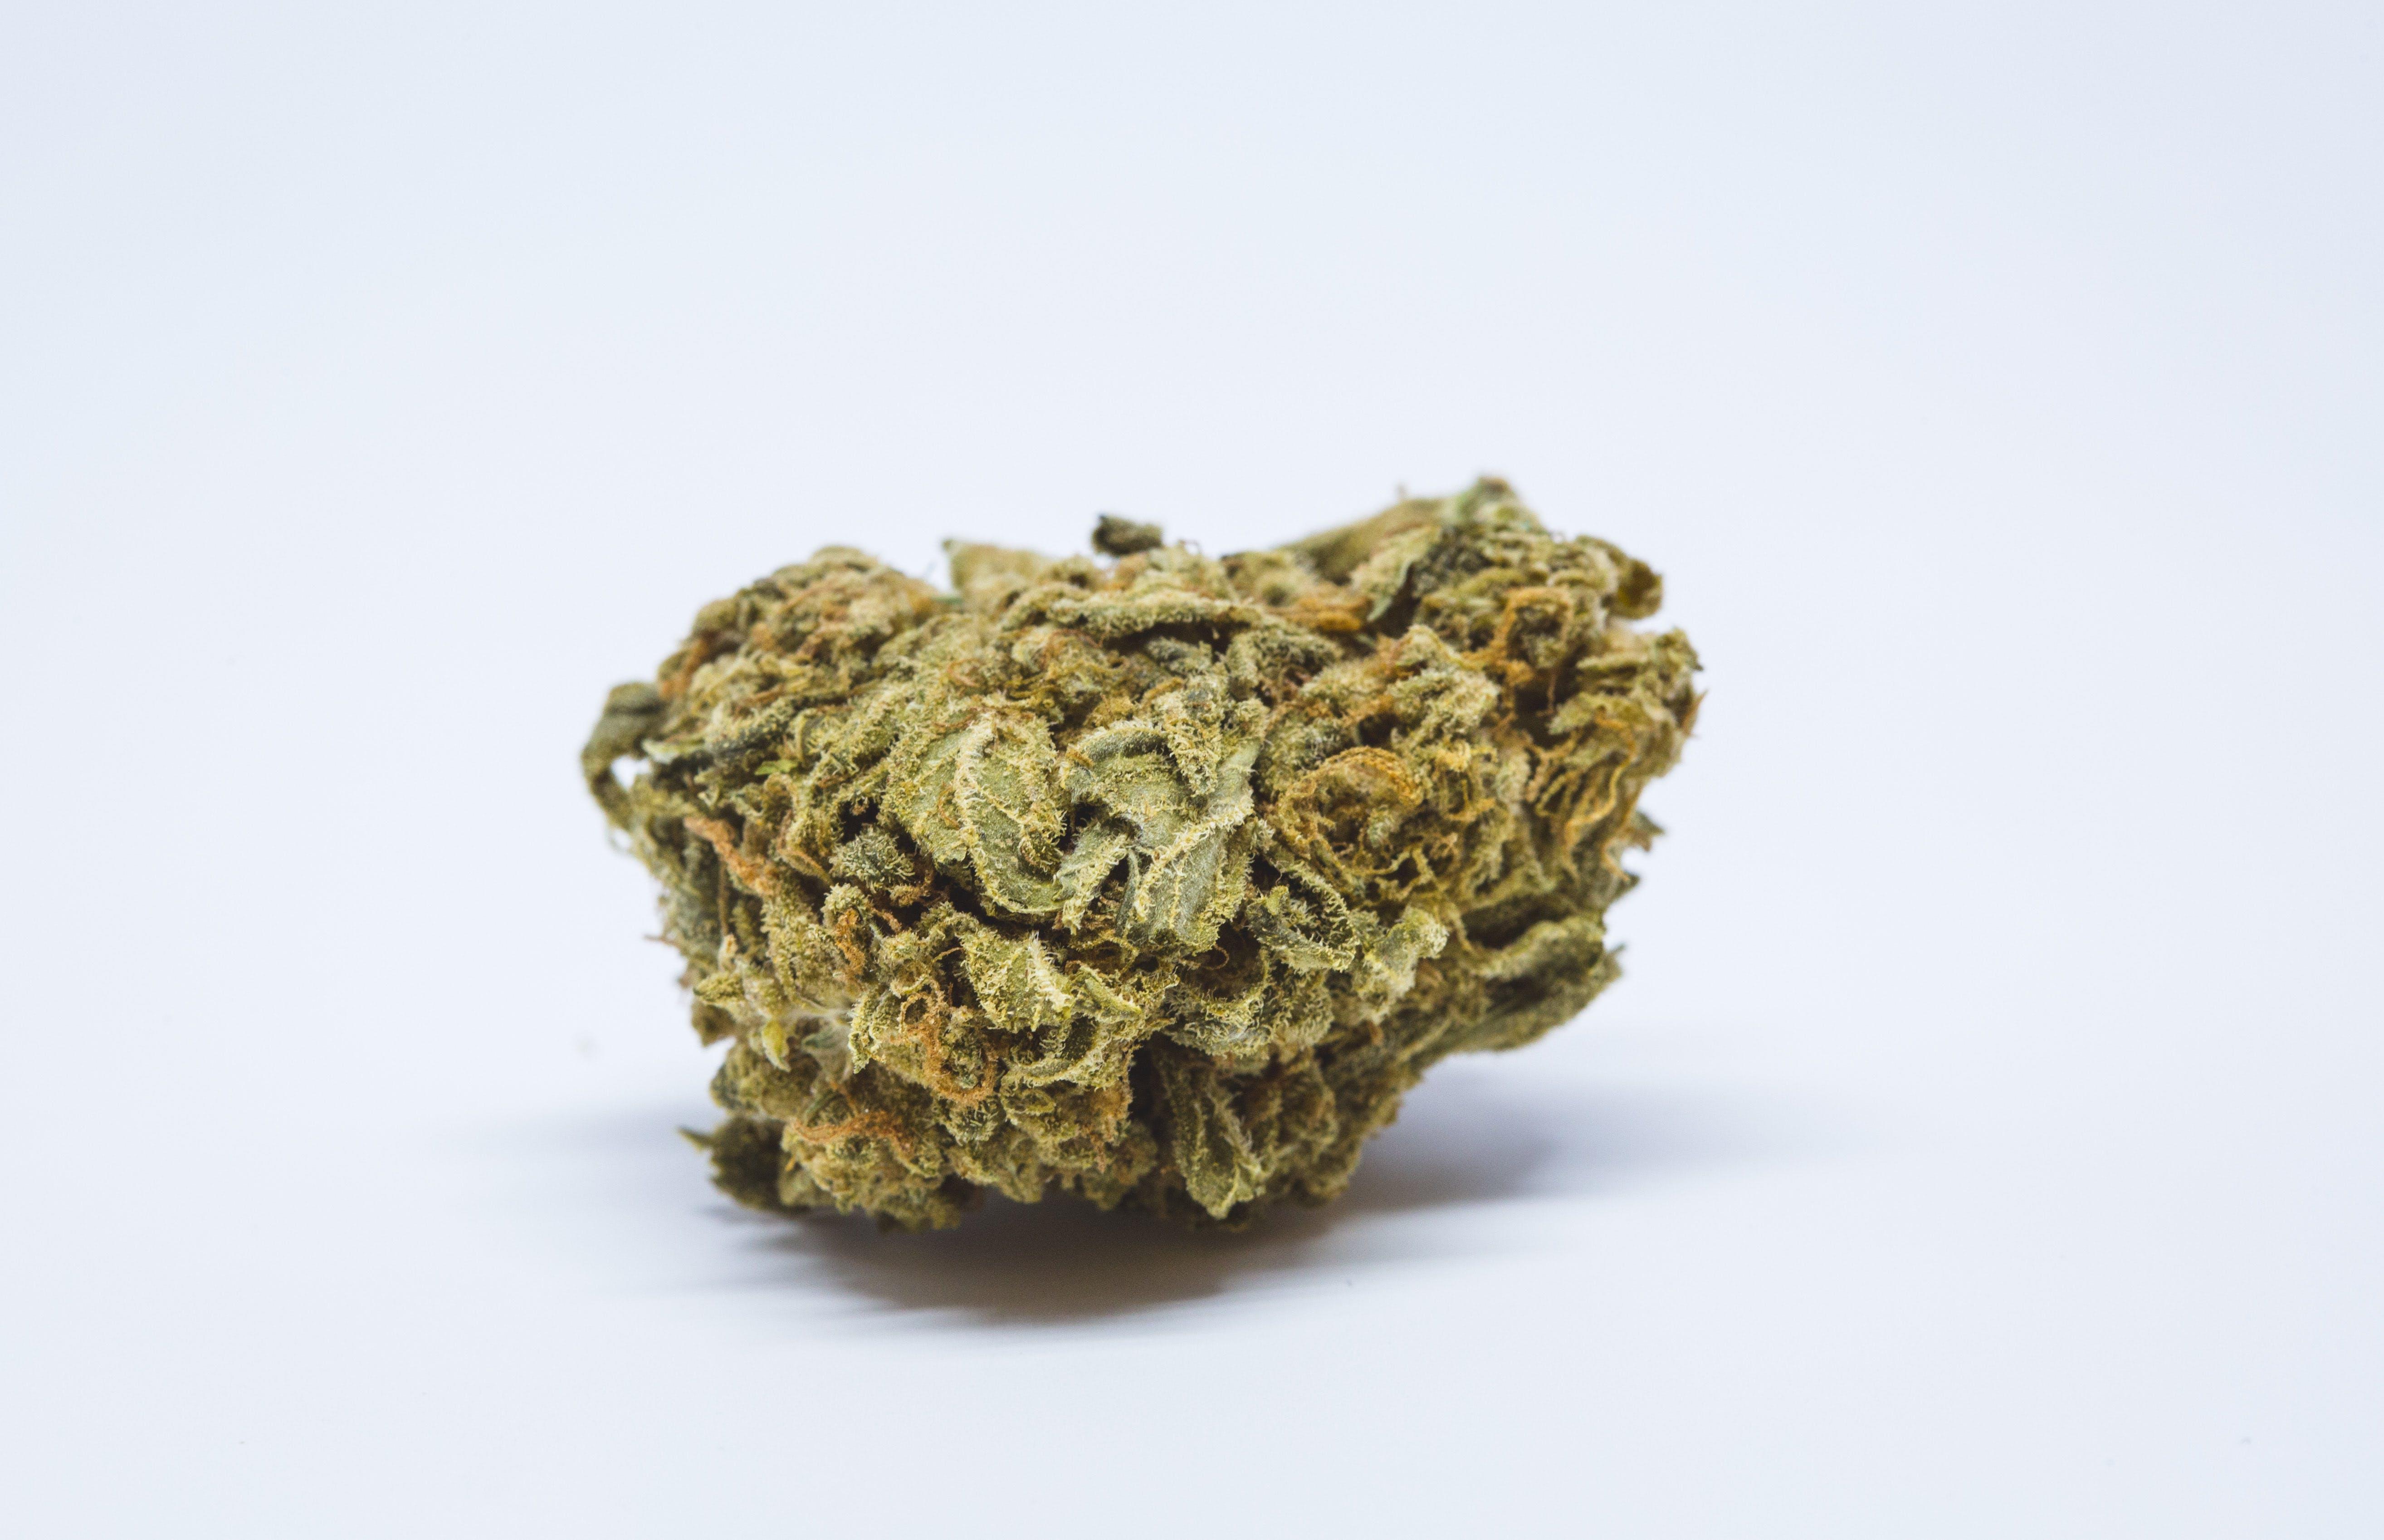 Platinum Kush Weed; Platinum Kush Cannabis Strain; Platinum Kush Indica Marijuana Strain